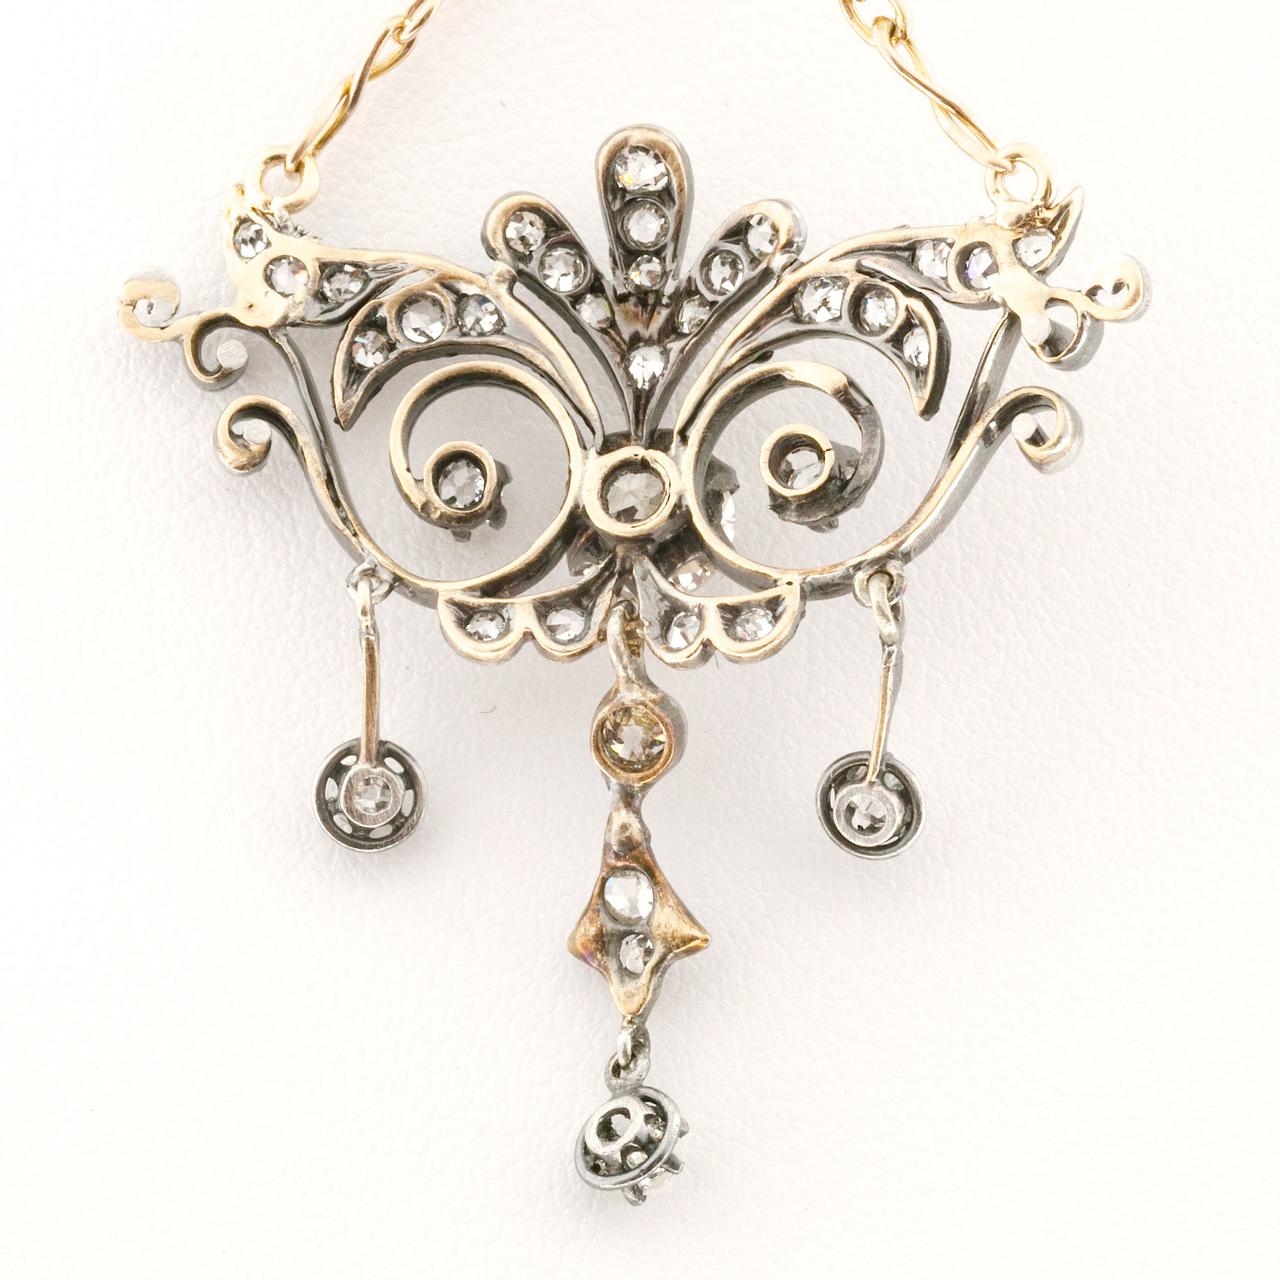 Valuable Estate Jewelry Sale